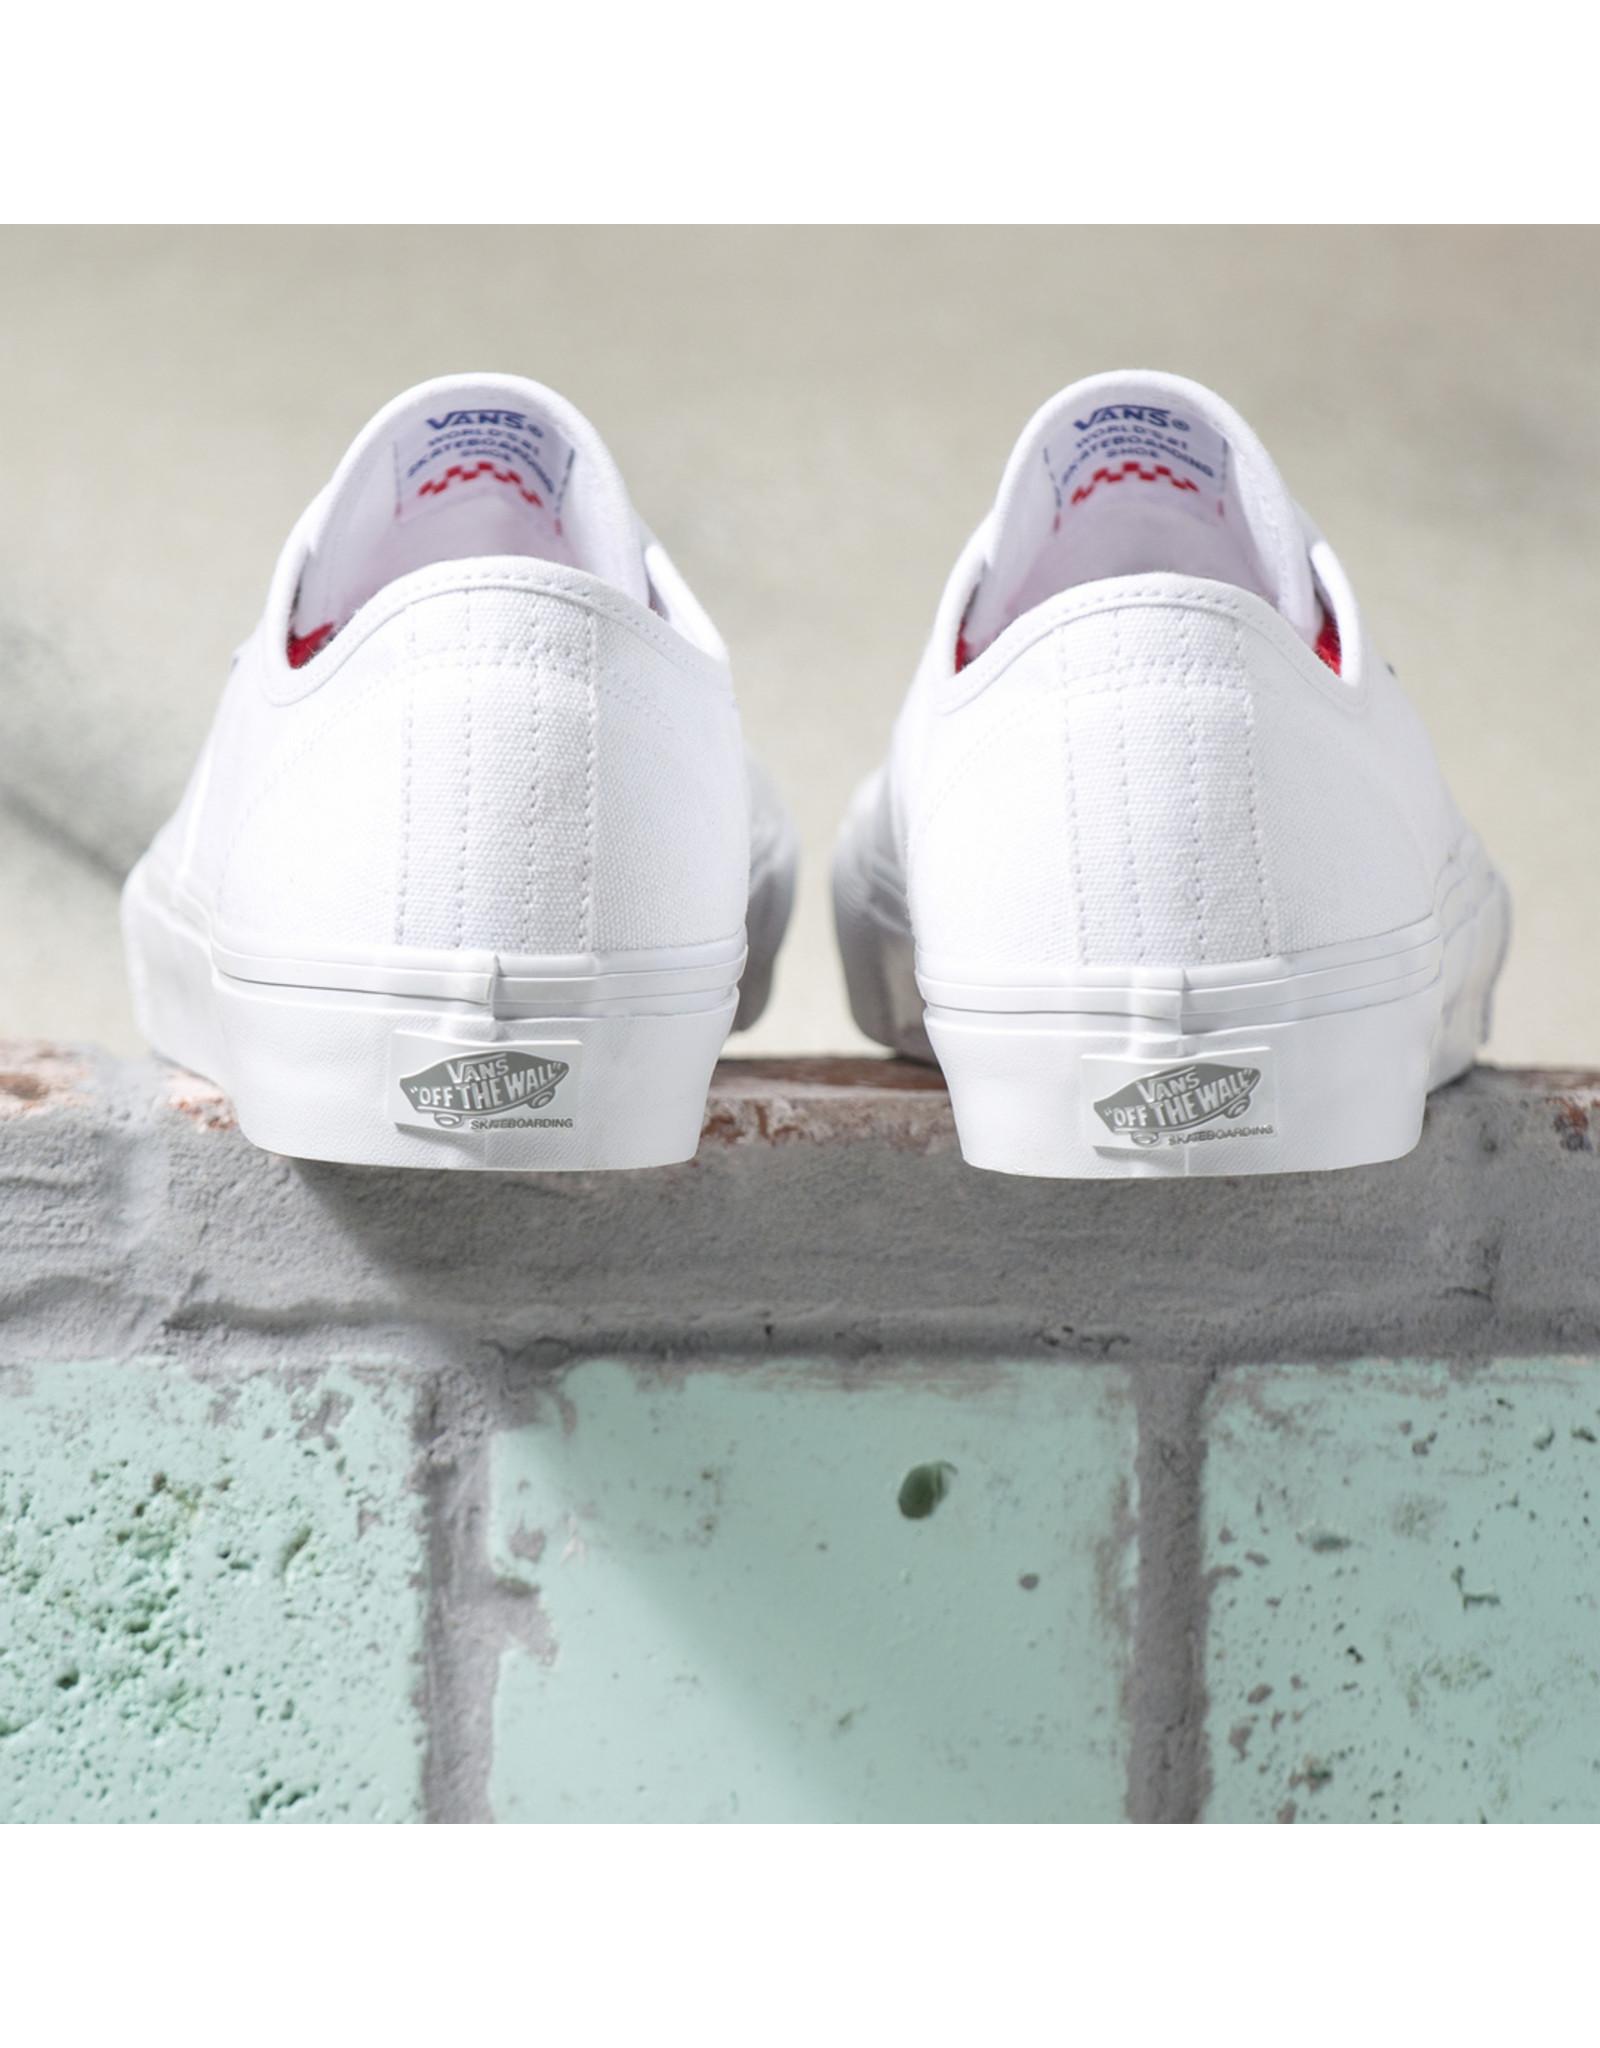 VANS SKATE SHOES VANS - AUTHENTIC SKATE - WHITE